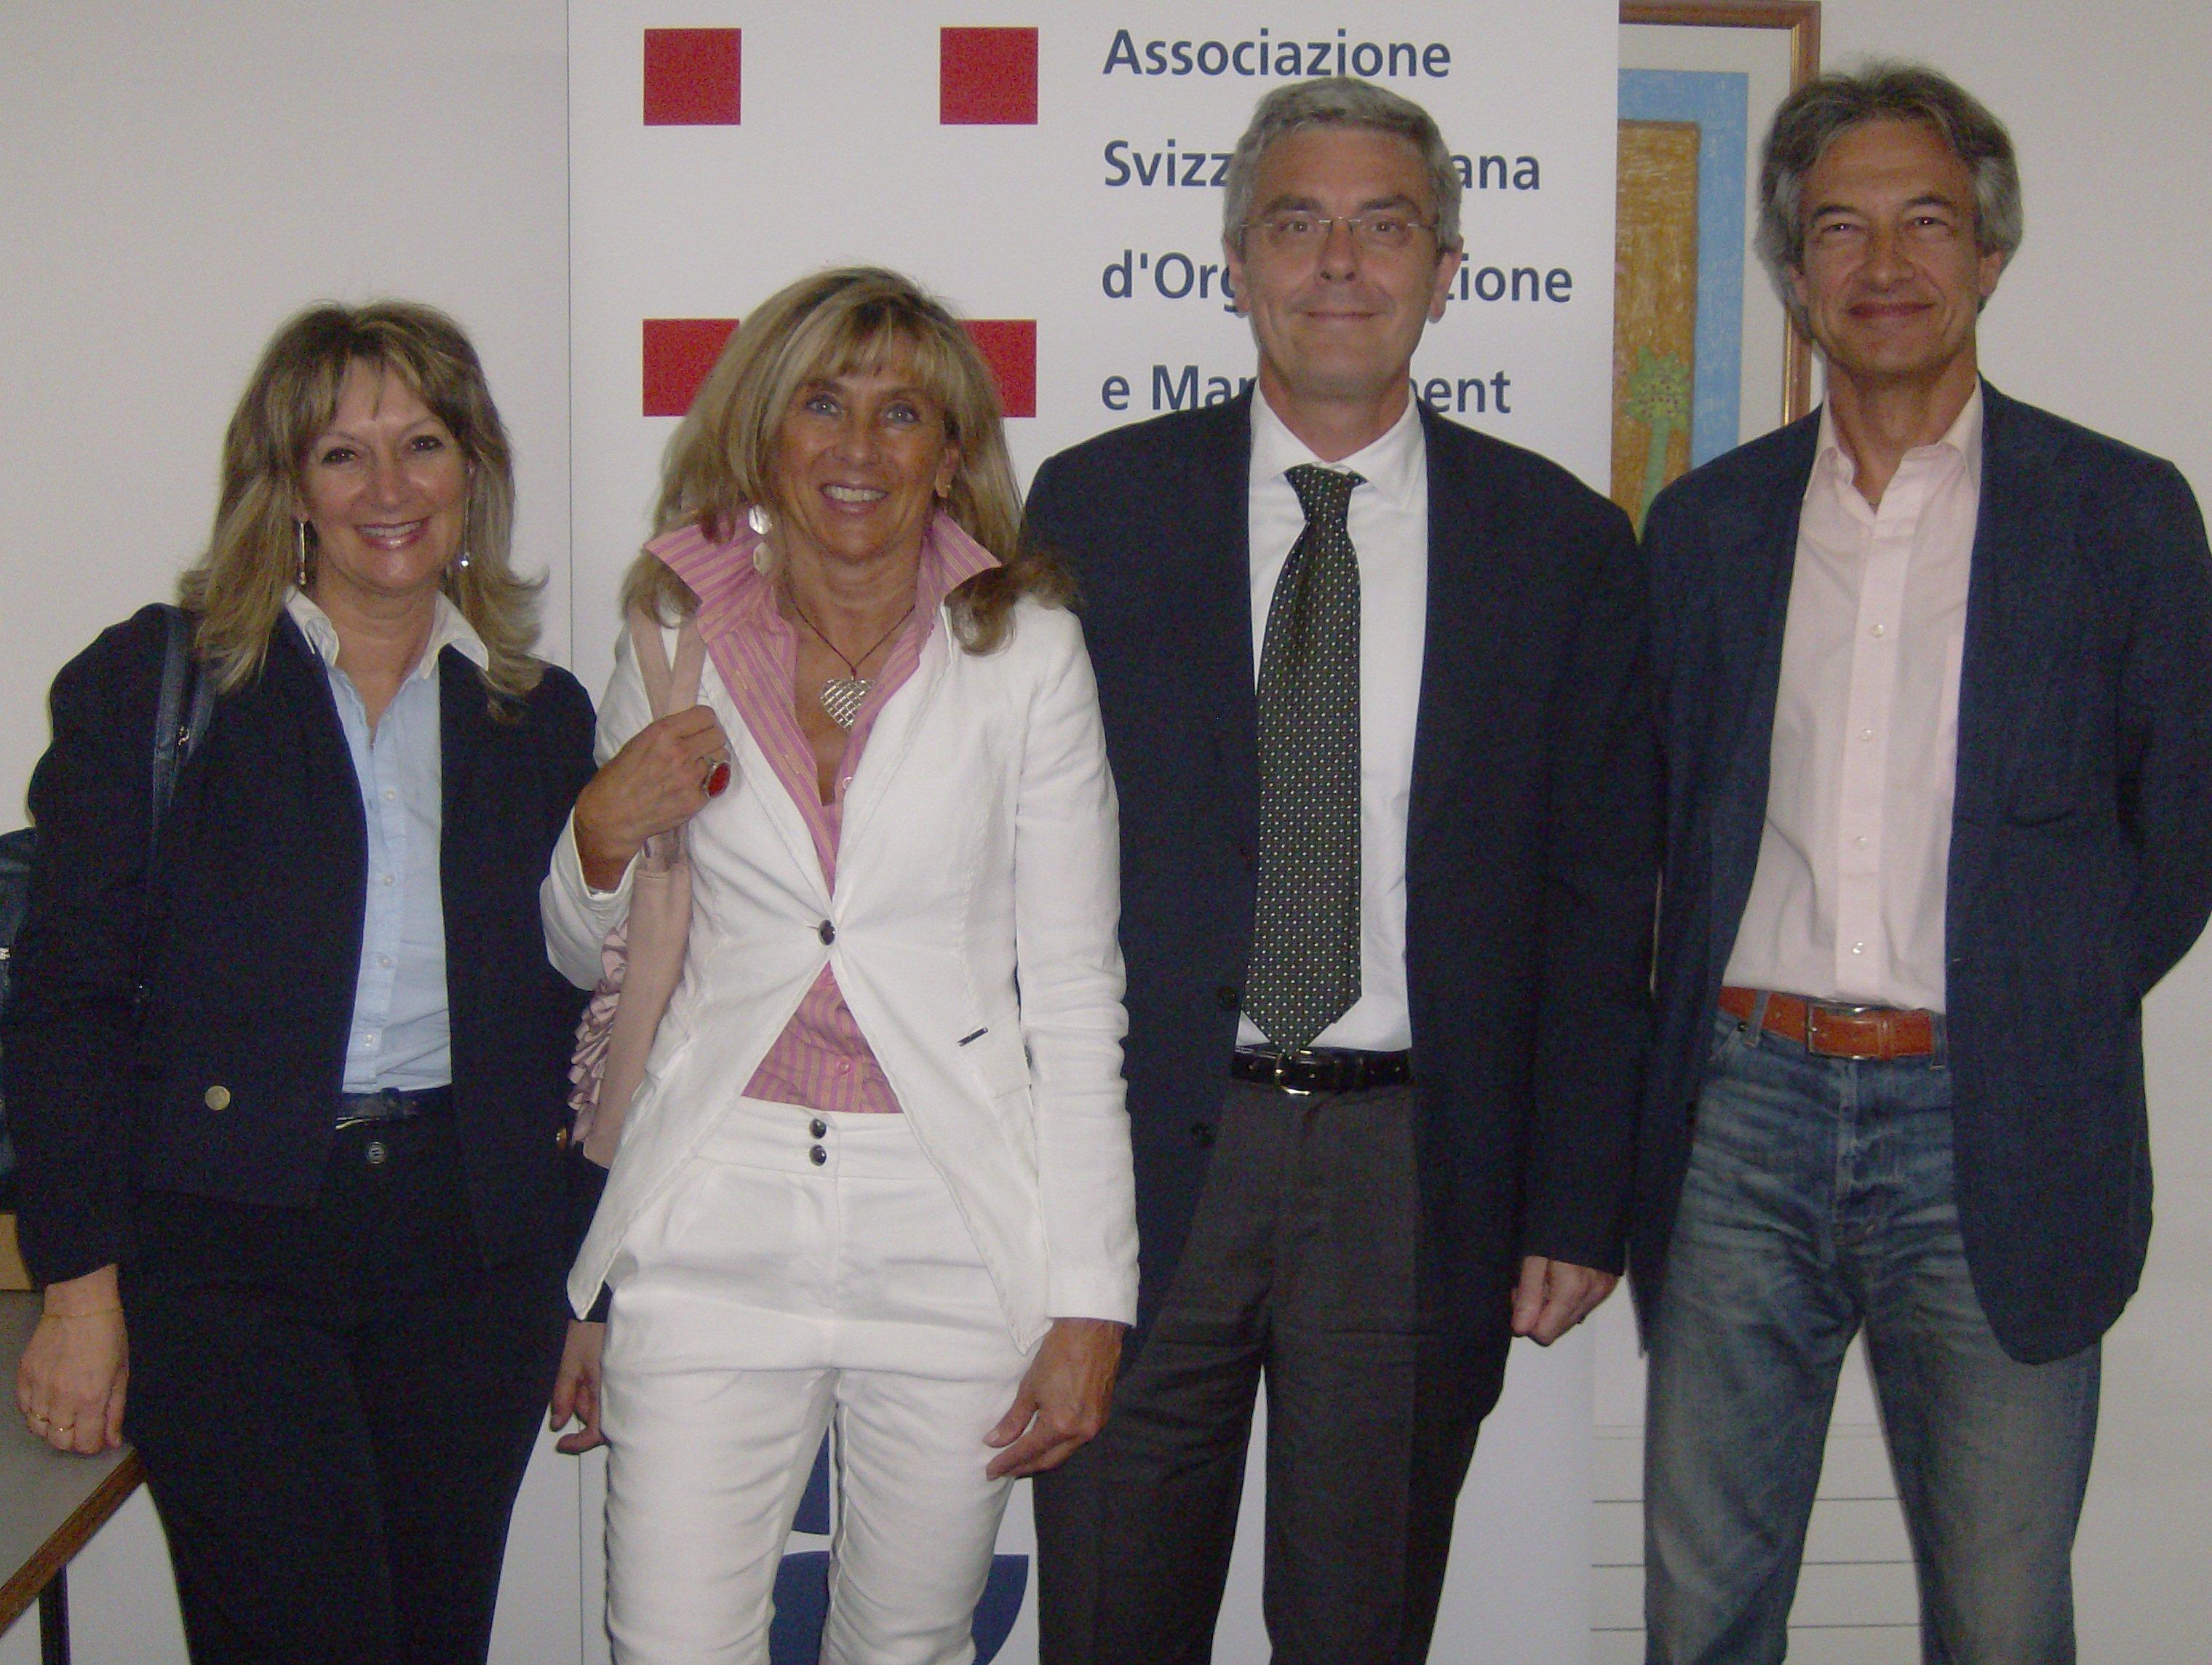 Assemblea_2011002